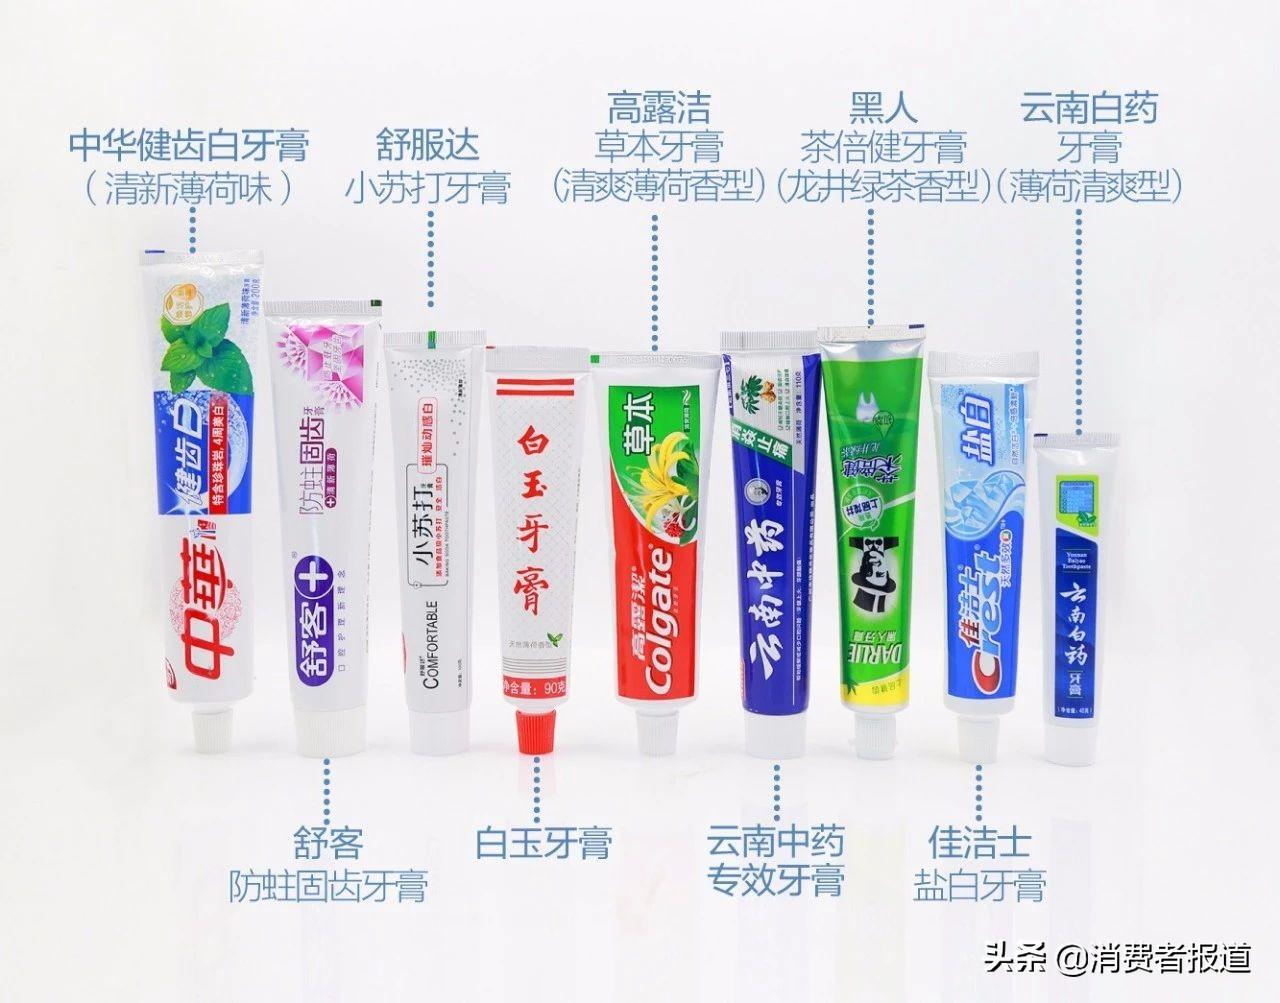 舒客牙膏怎么样(9款牙膏测试报告)